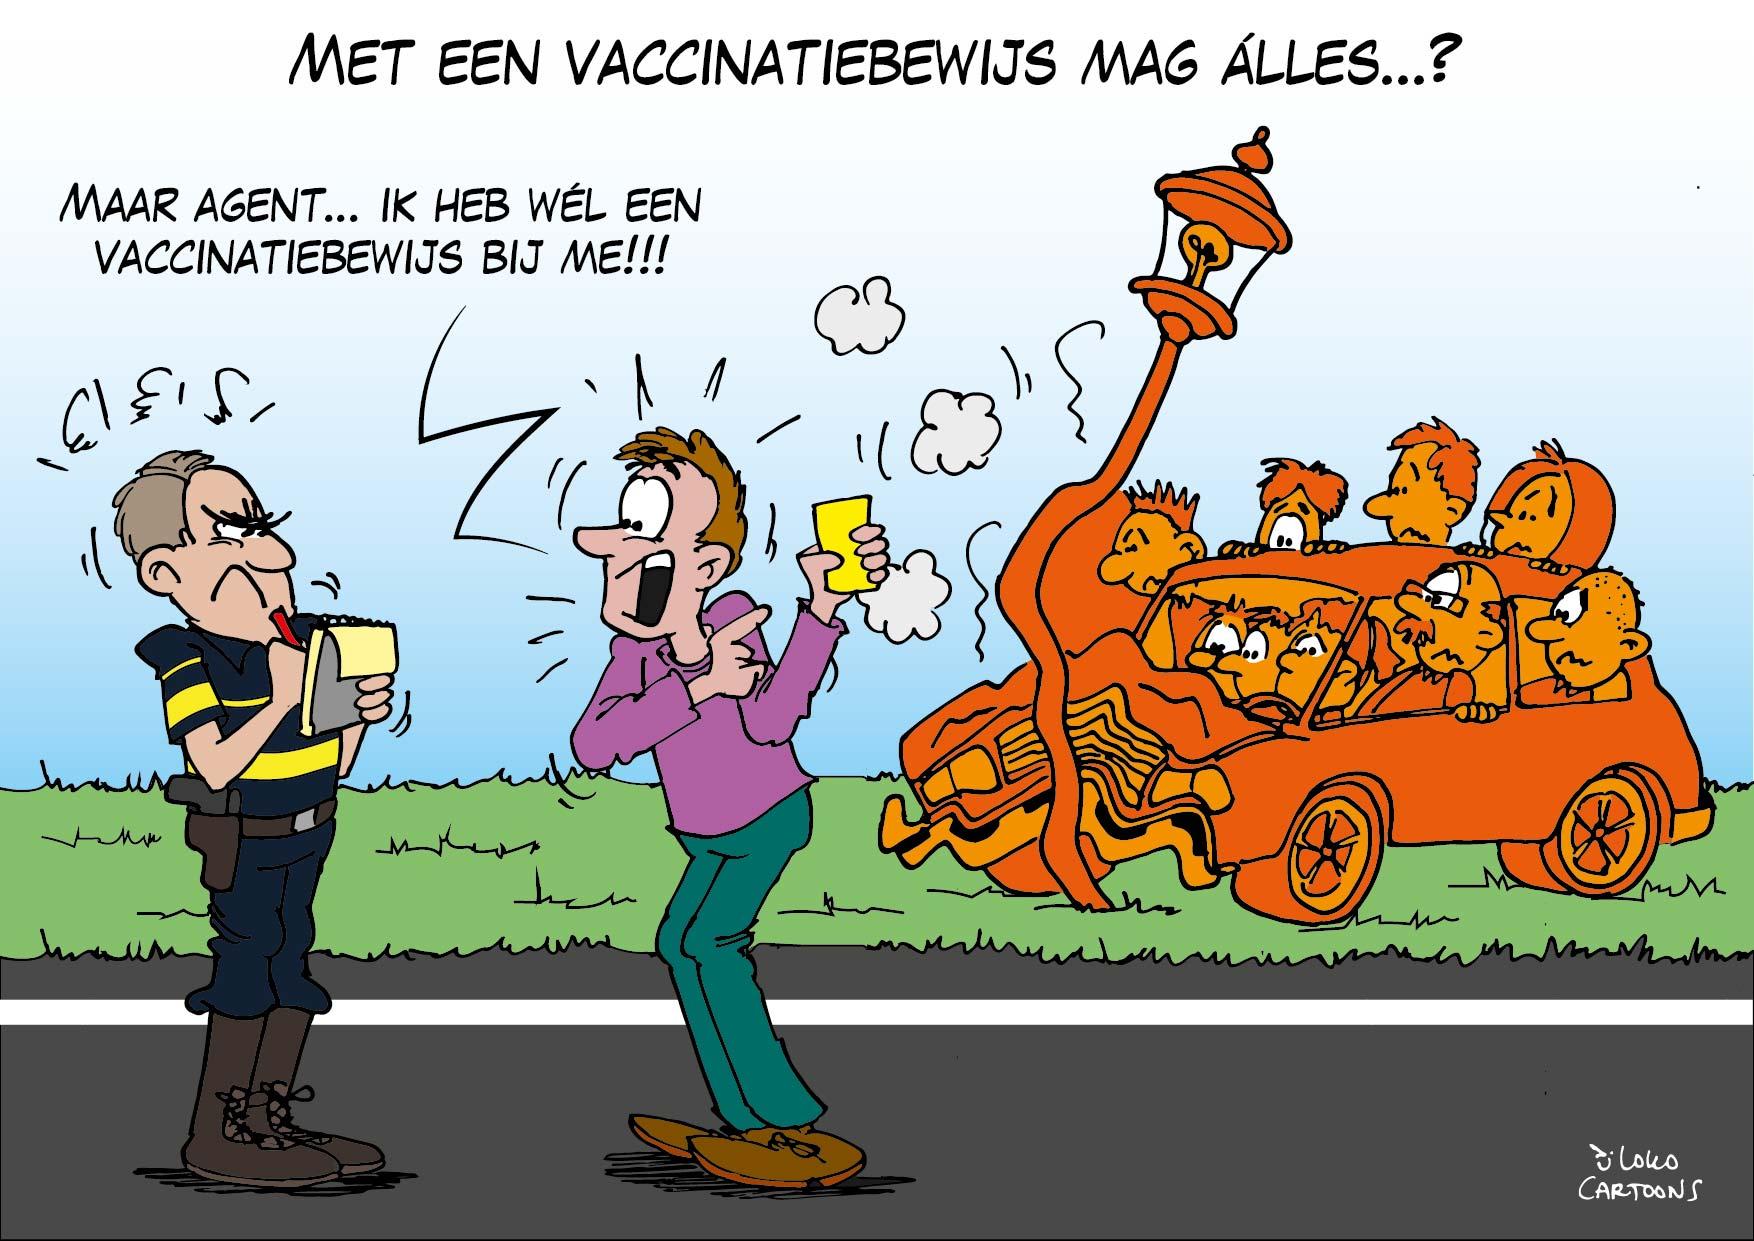 Met een vacinatiebewijs mag alles…